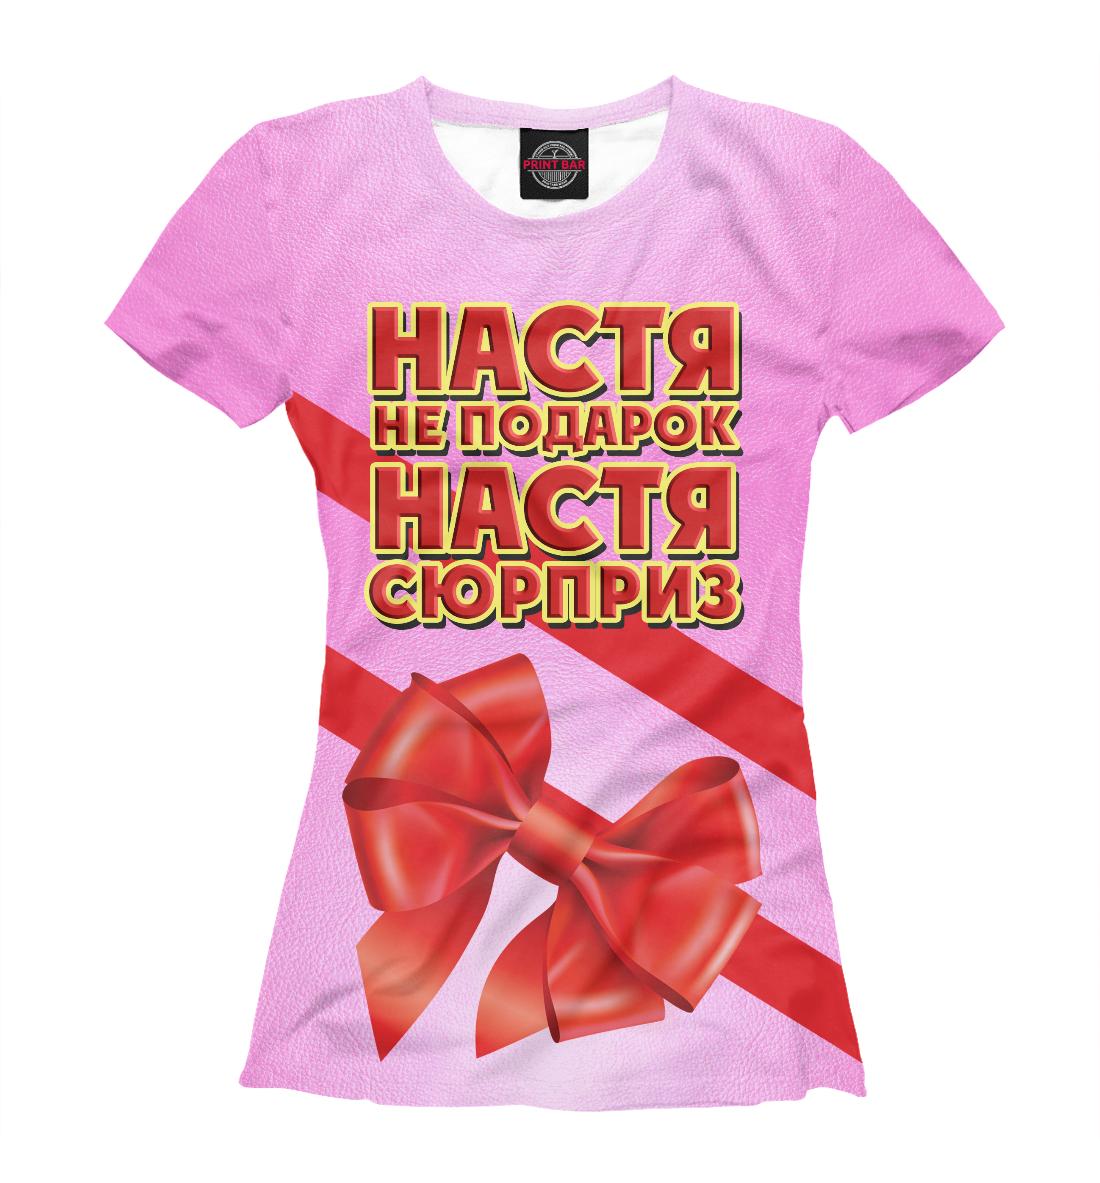 Купить Настя не подарок, Printbar, Футболки, ANS-623919-fut-1